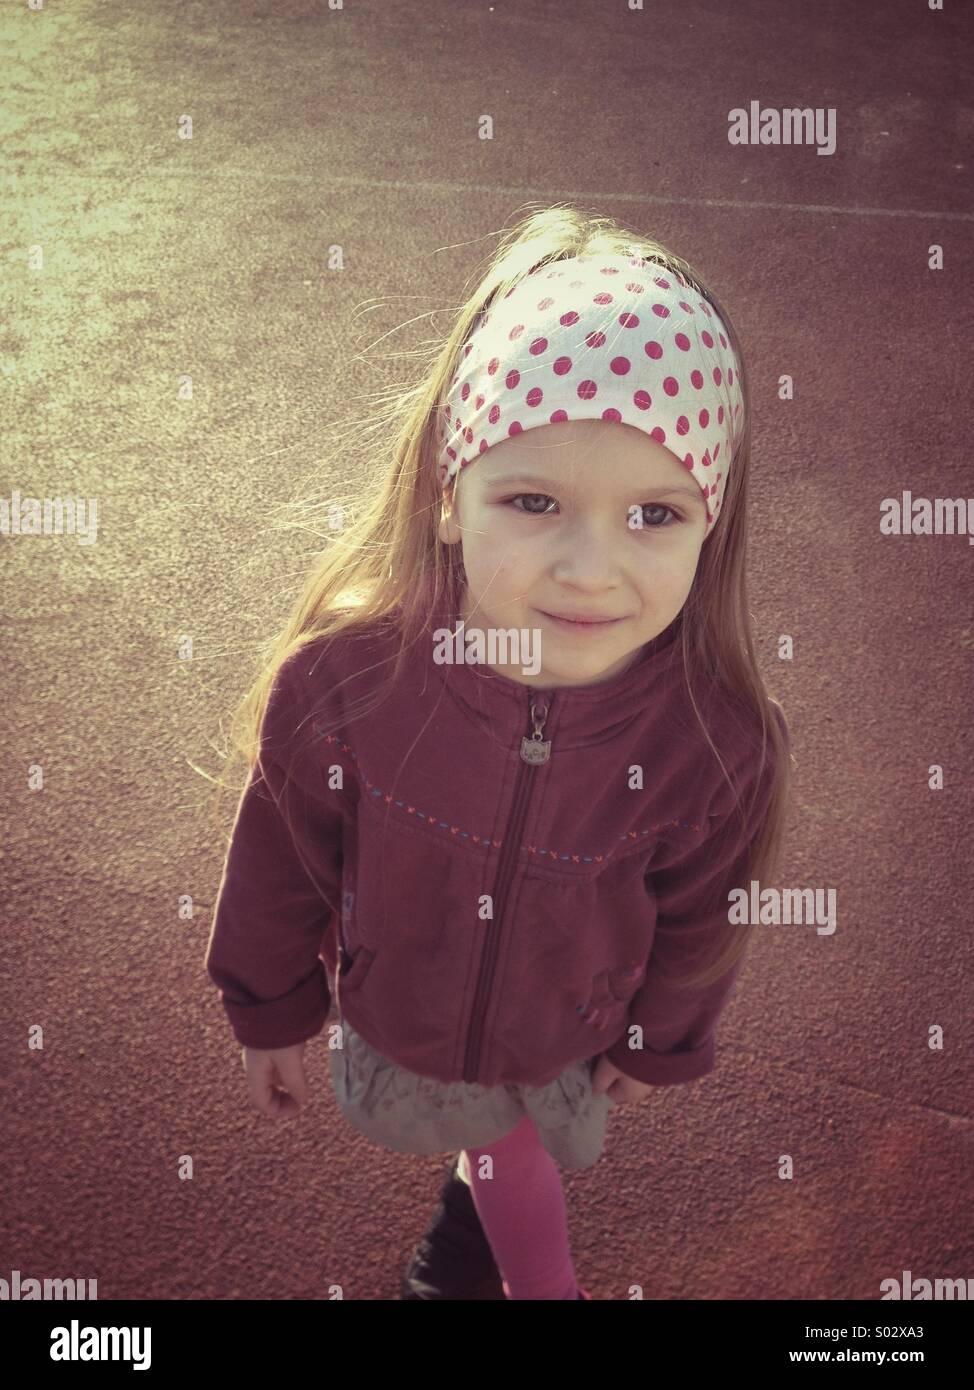 Little girl portrait - Stock Image